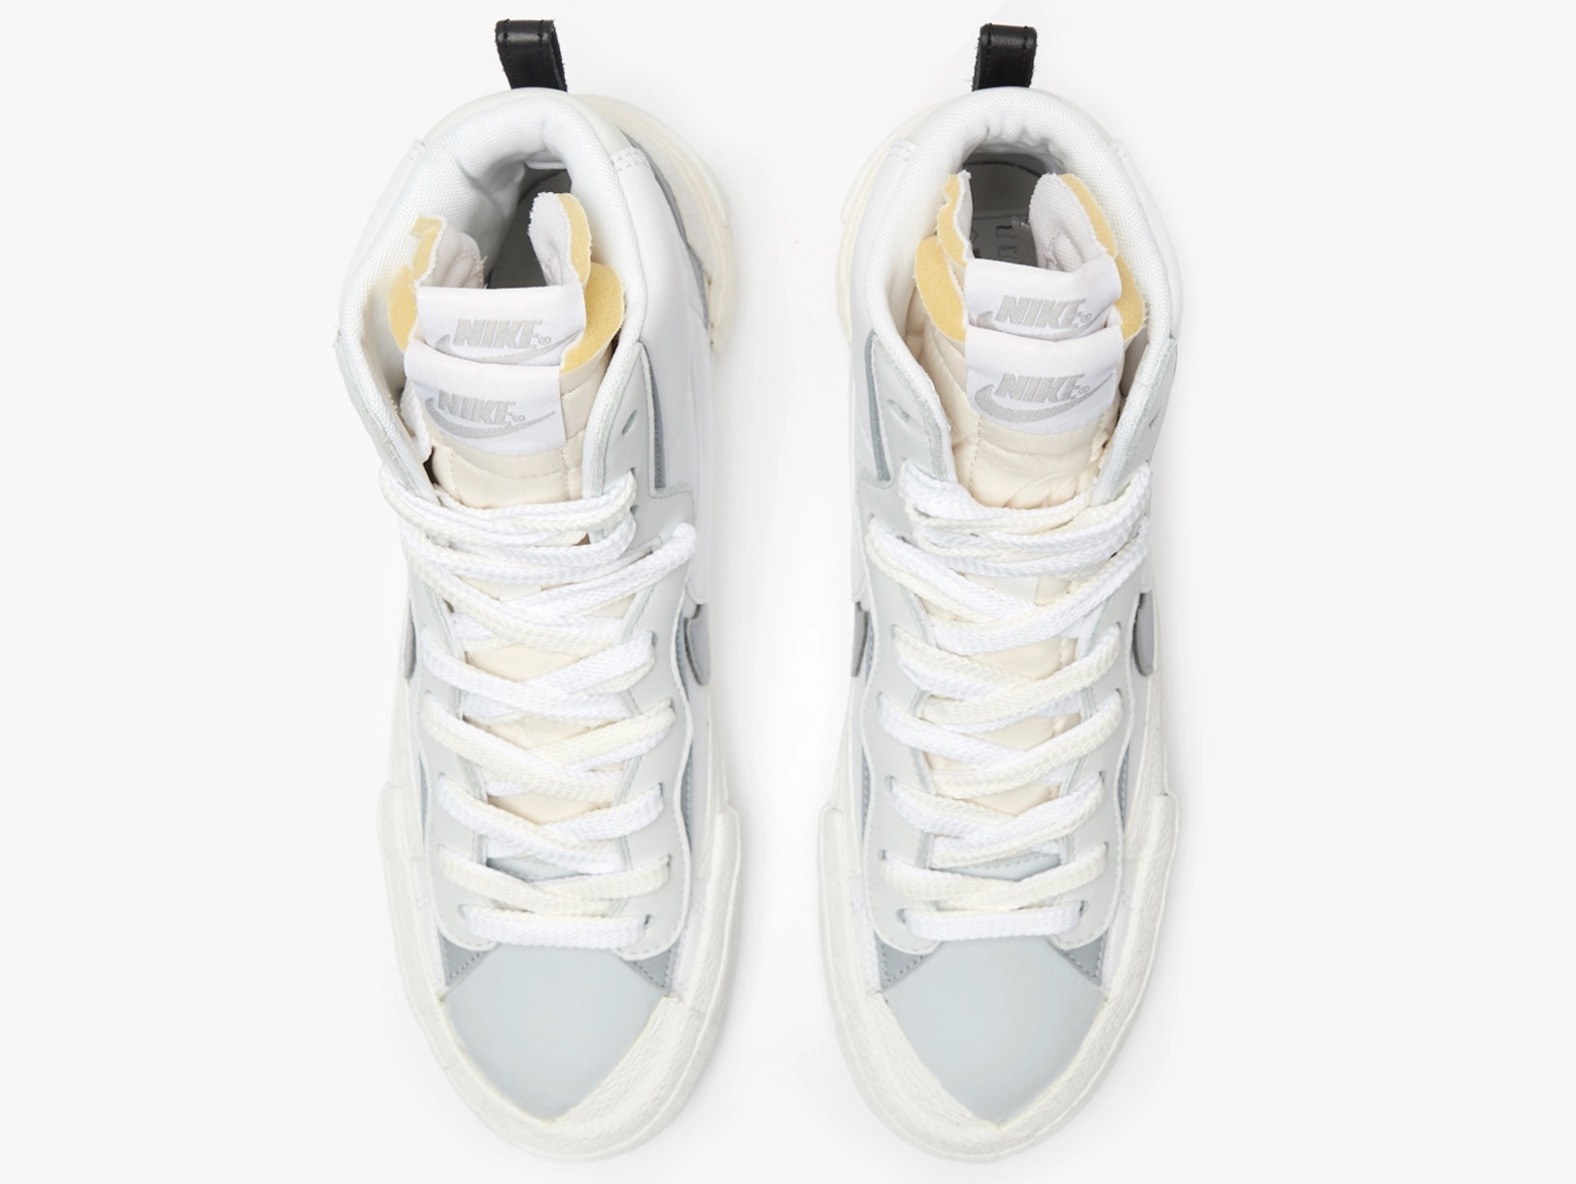 sacai x Nike Blazer Mid White | BV0072-100 1 above